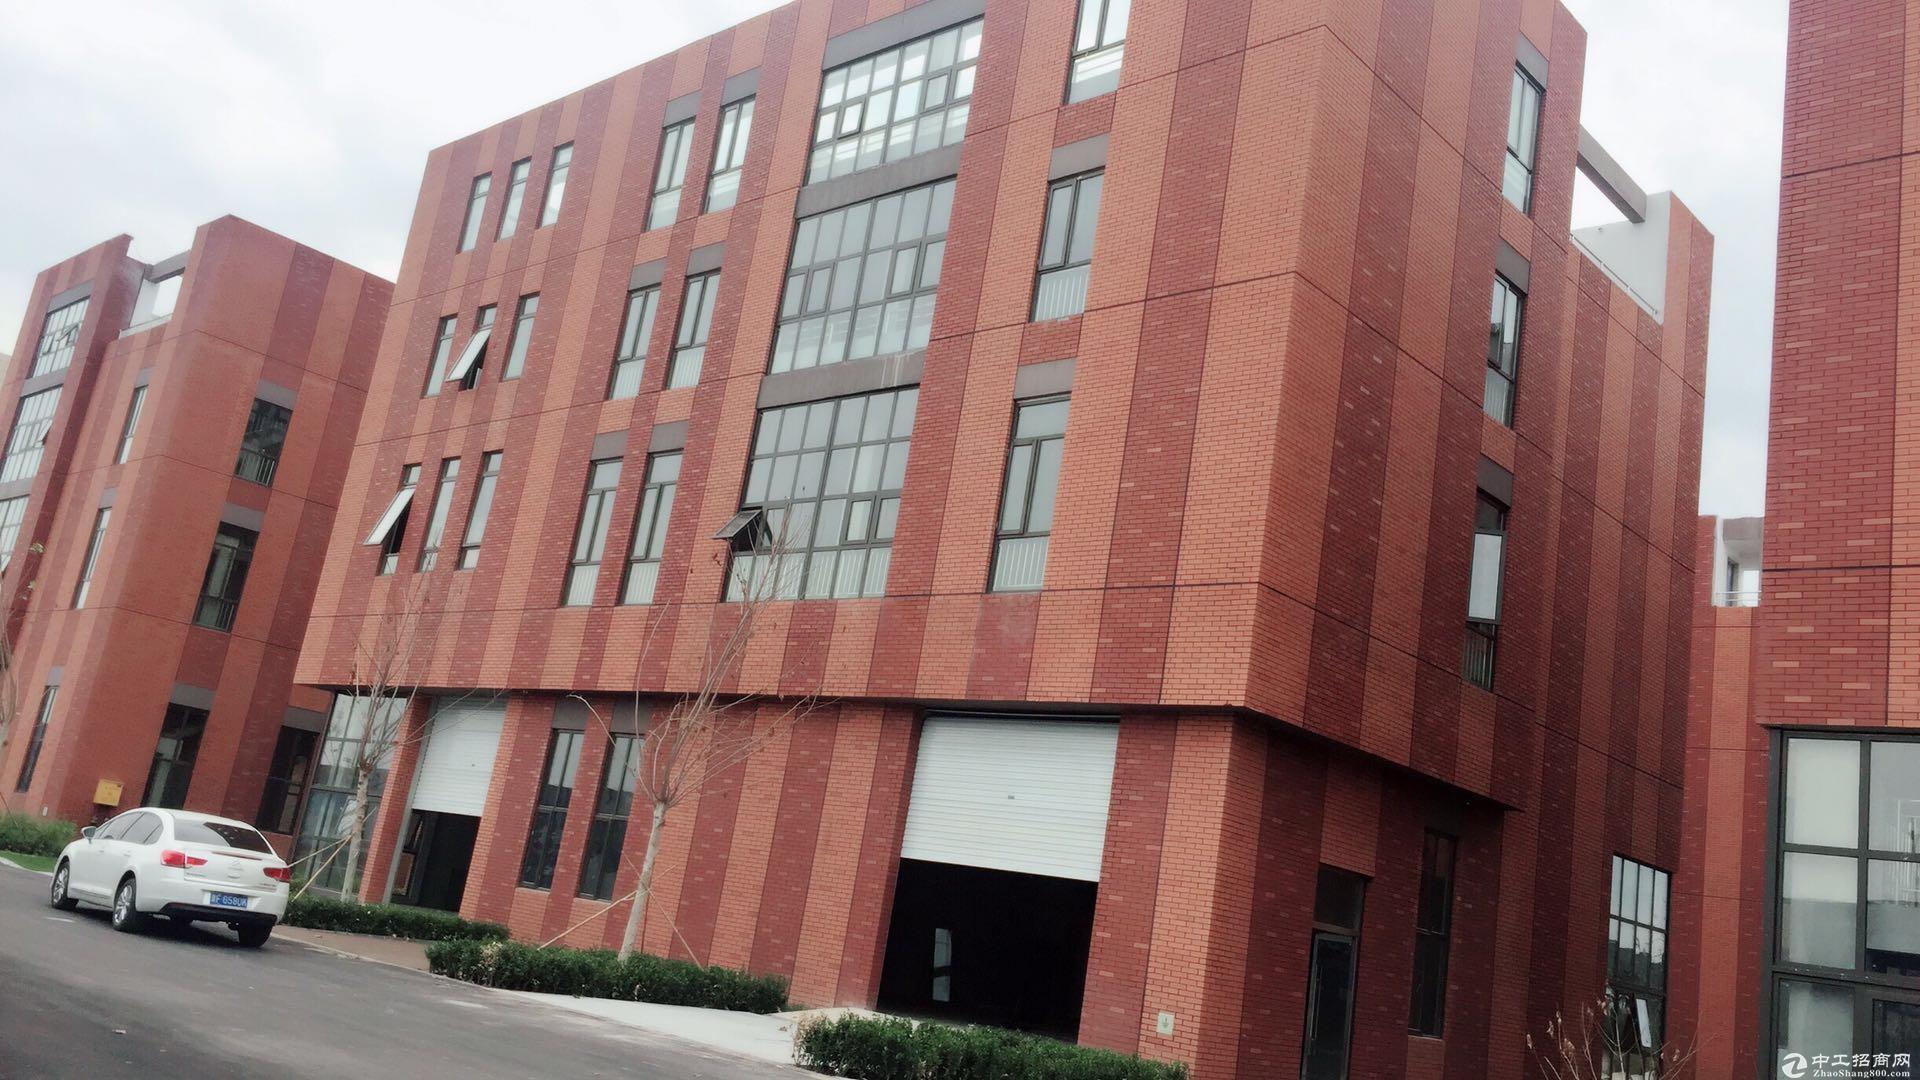 出售出租厂房层高7.2米高速口性价比高可注册环评